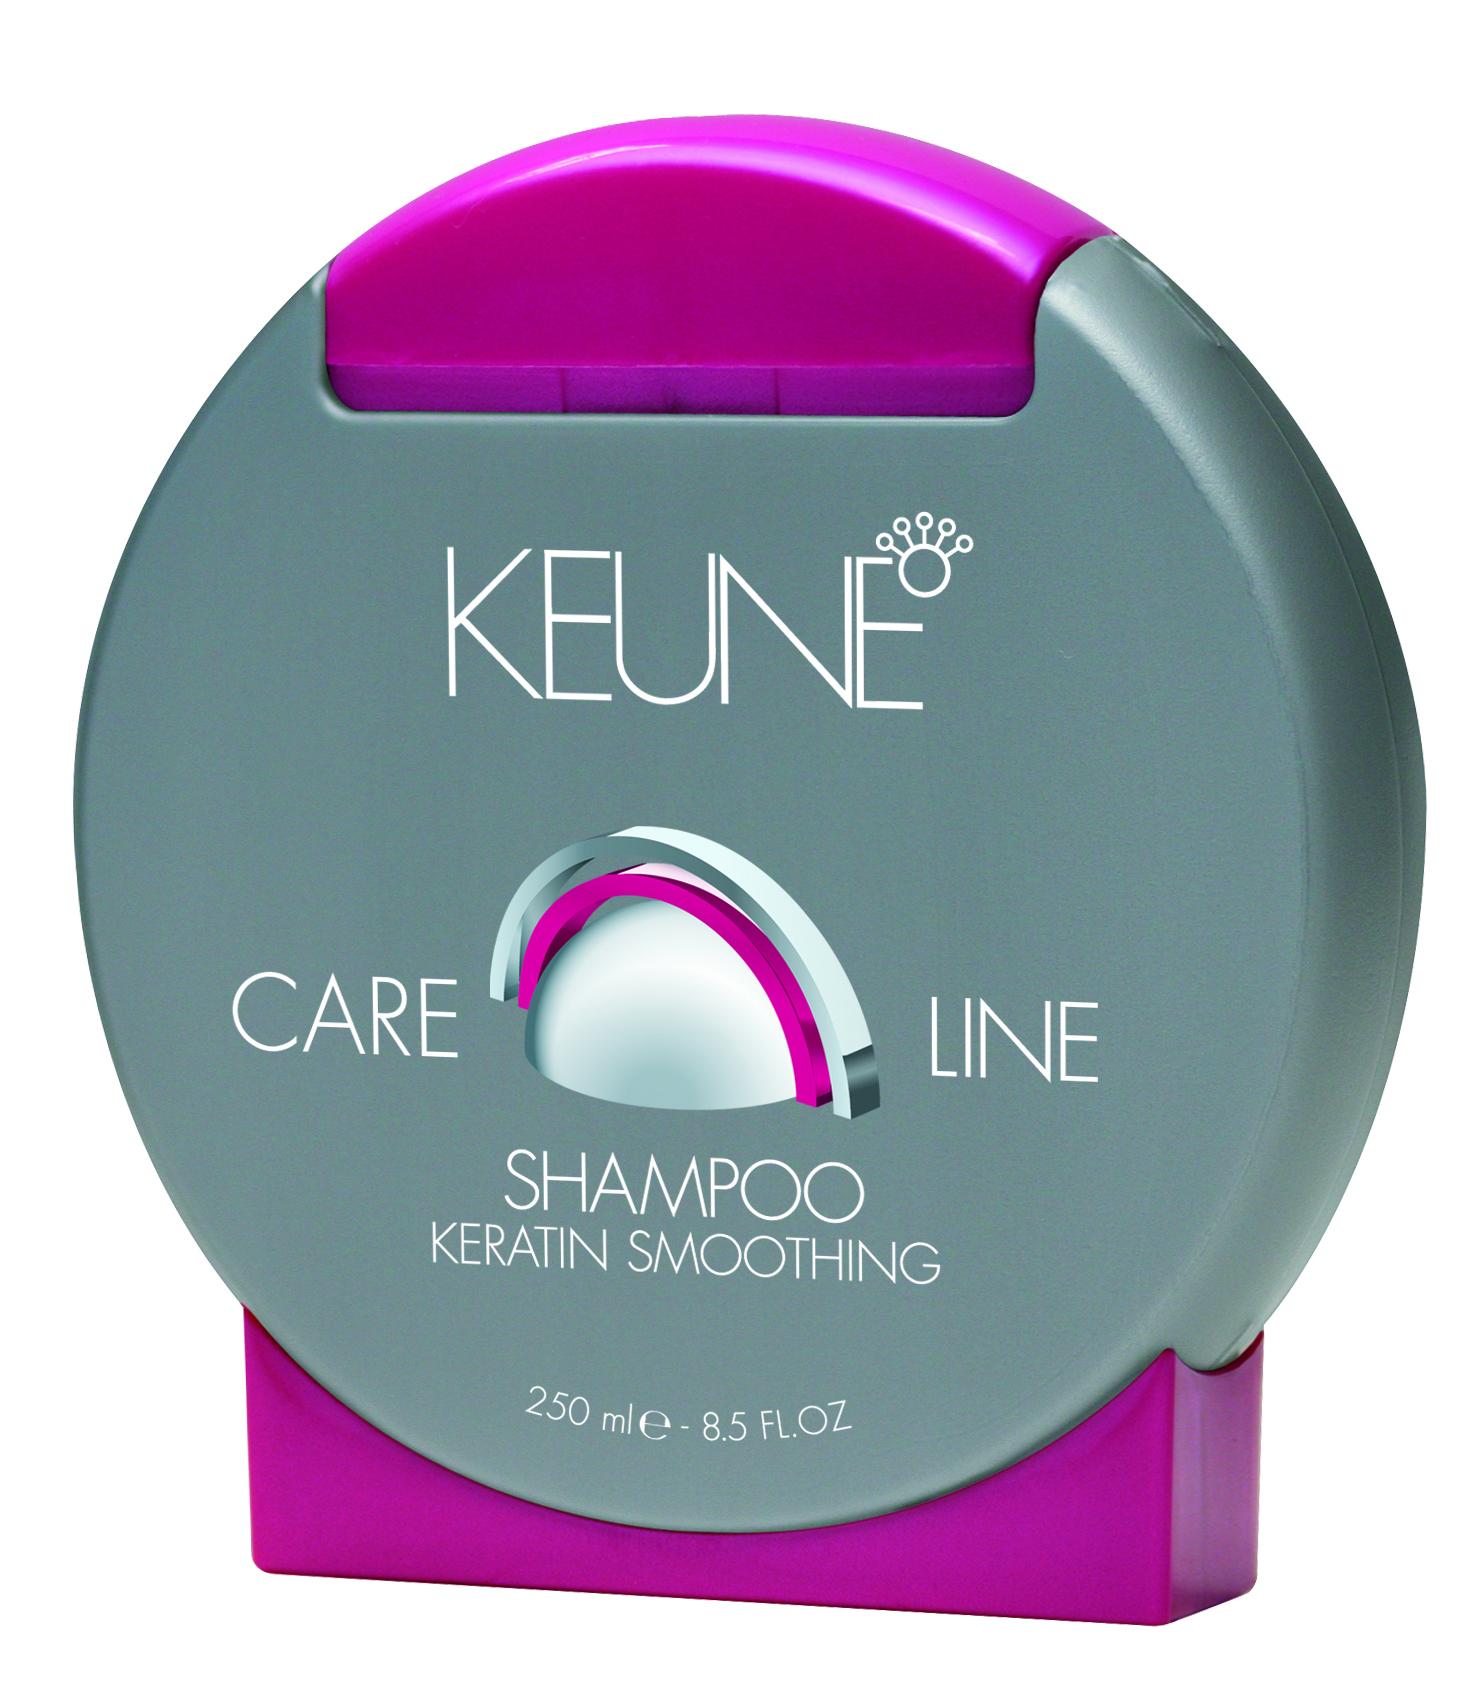 KEUNE Шампунь Кэе Лайн Кератиновый комплекс / CL KERATIN SMOOTHING SHAMPOO 250млШампуни<br>Разглаживающий и укрепляющий шампунь. Содержит кератин и провитамин B5, которые питают и увлажняют волосы, придают блеск. Quat Complex защищает от механических повреждений. Активные ингредиенты: кератин, провитамин В5, Quat Complex. Способ применения: нанесите необходимое количество увлажняющего шампуня на влажные волосы, вспеньте, помассируйте в течение 1-2 минут, после чего тщательно смойте водой.<br><br>Объем: 250<br>Типы волос: Для всех типов